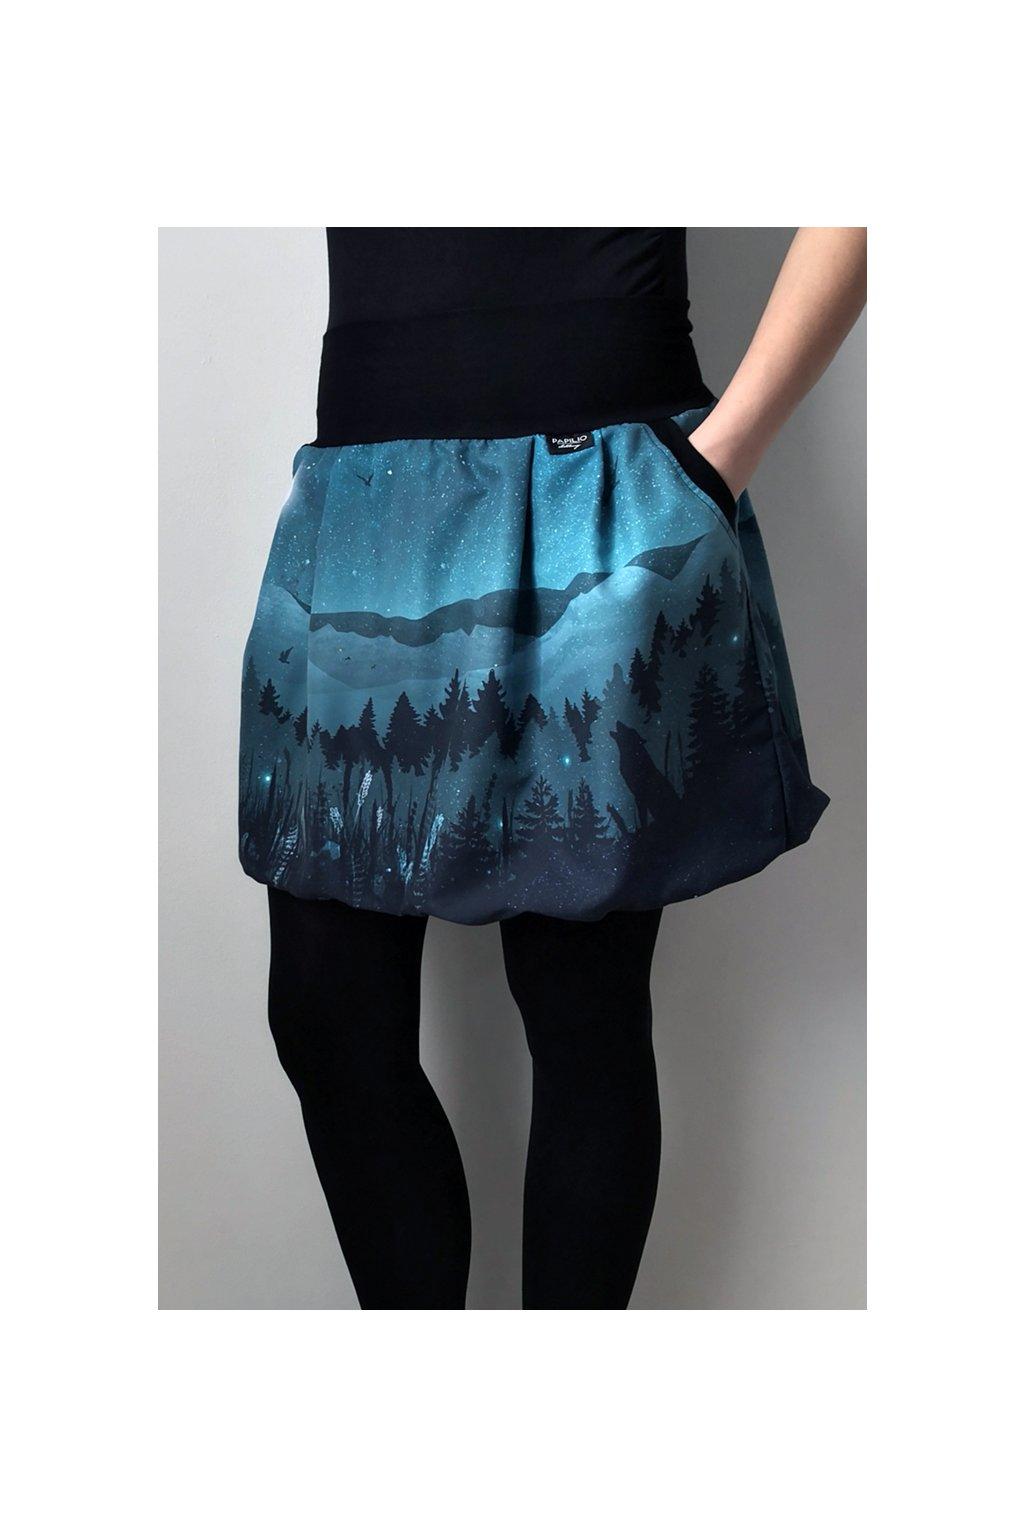 SKLADEM - balonová sukně Vlk   polyester